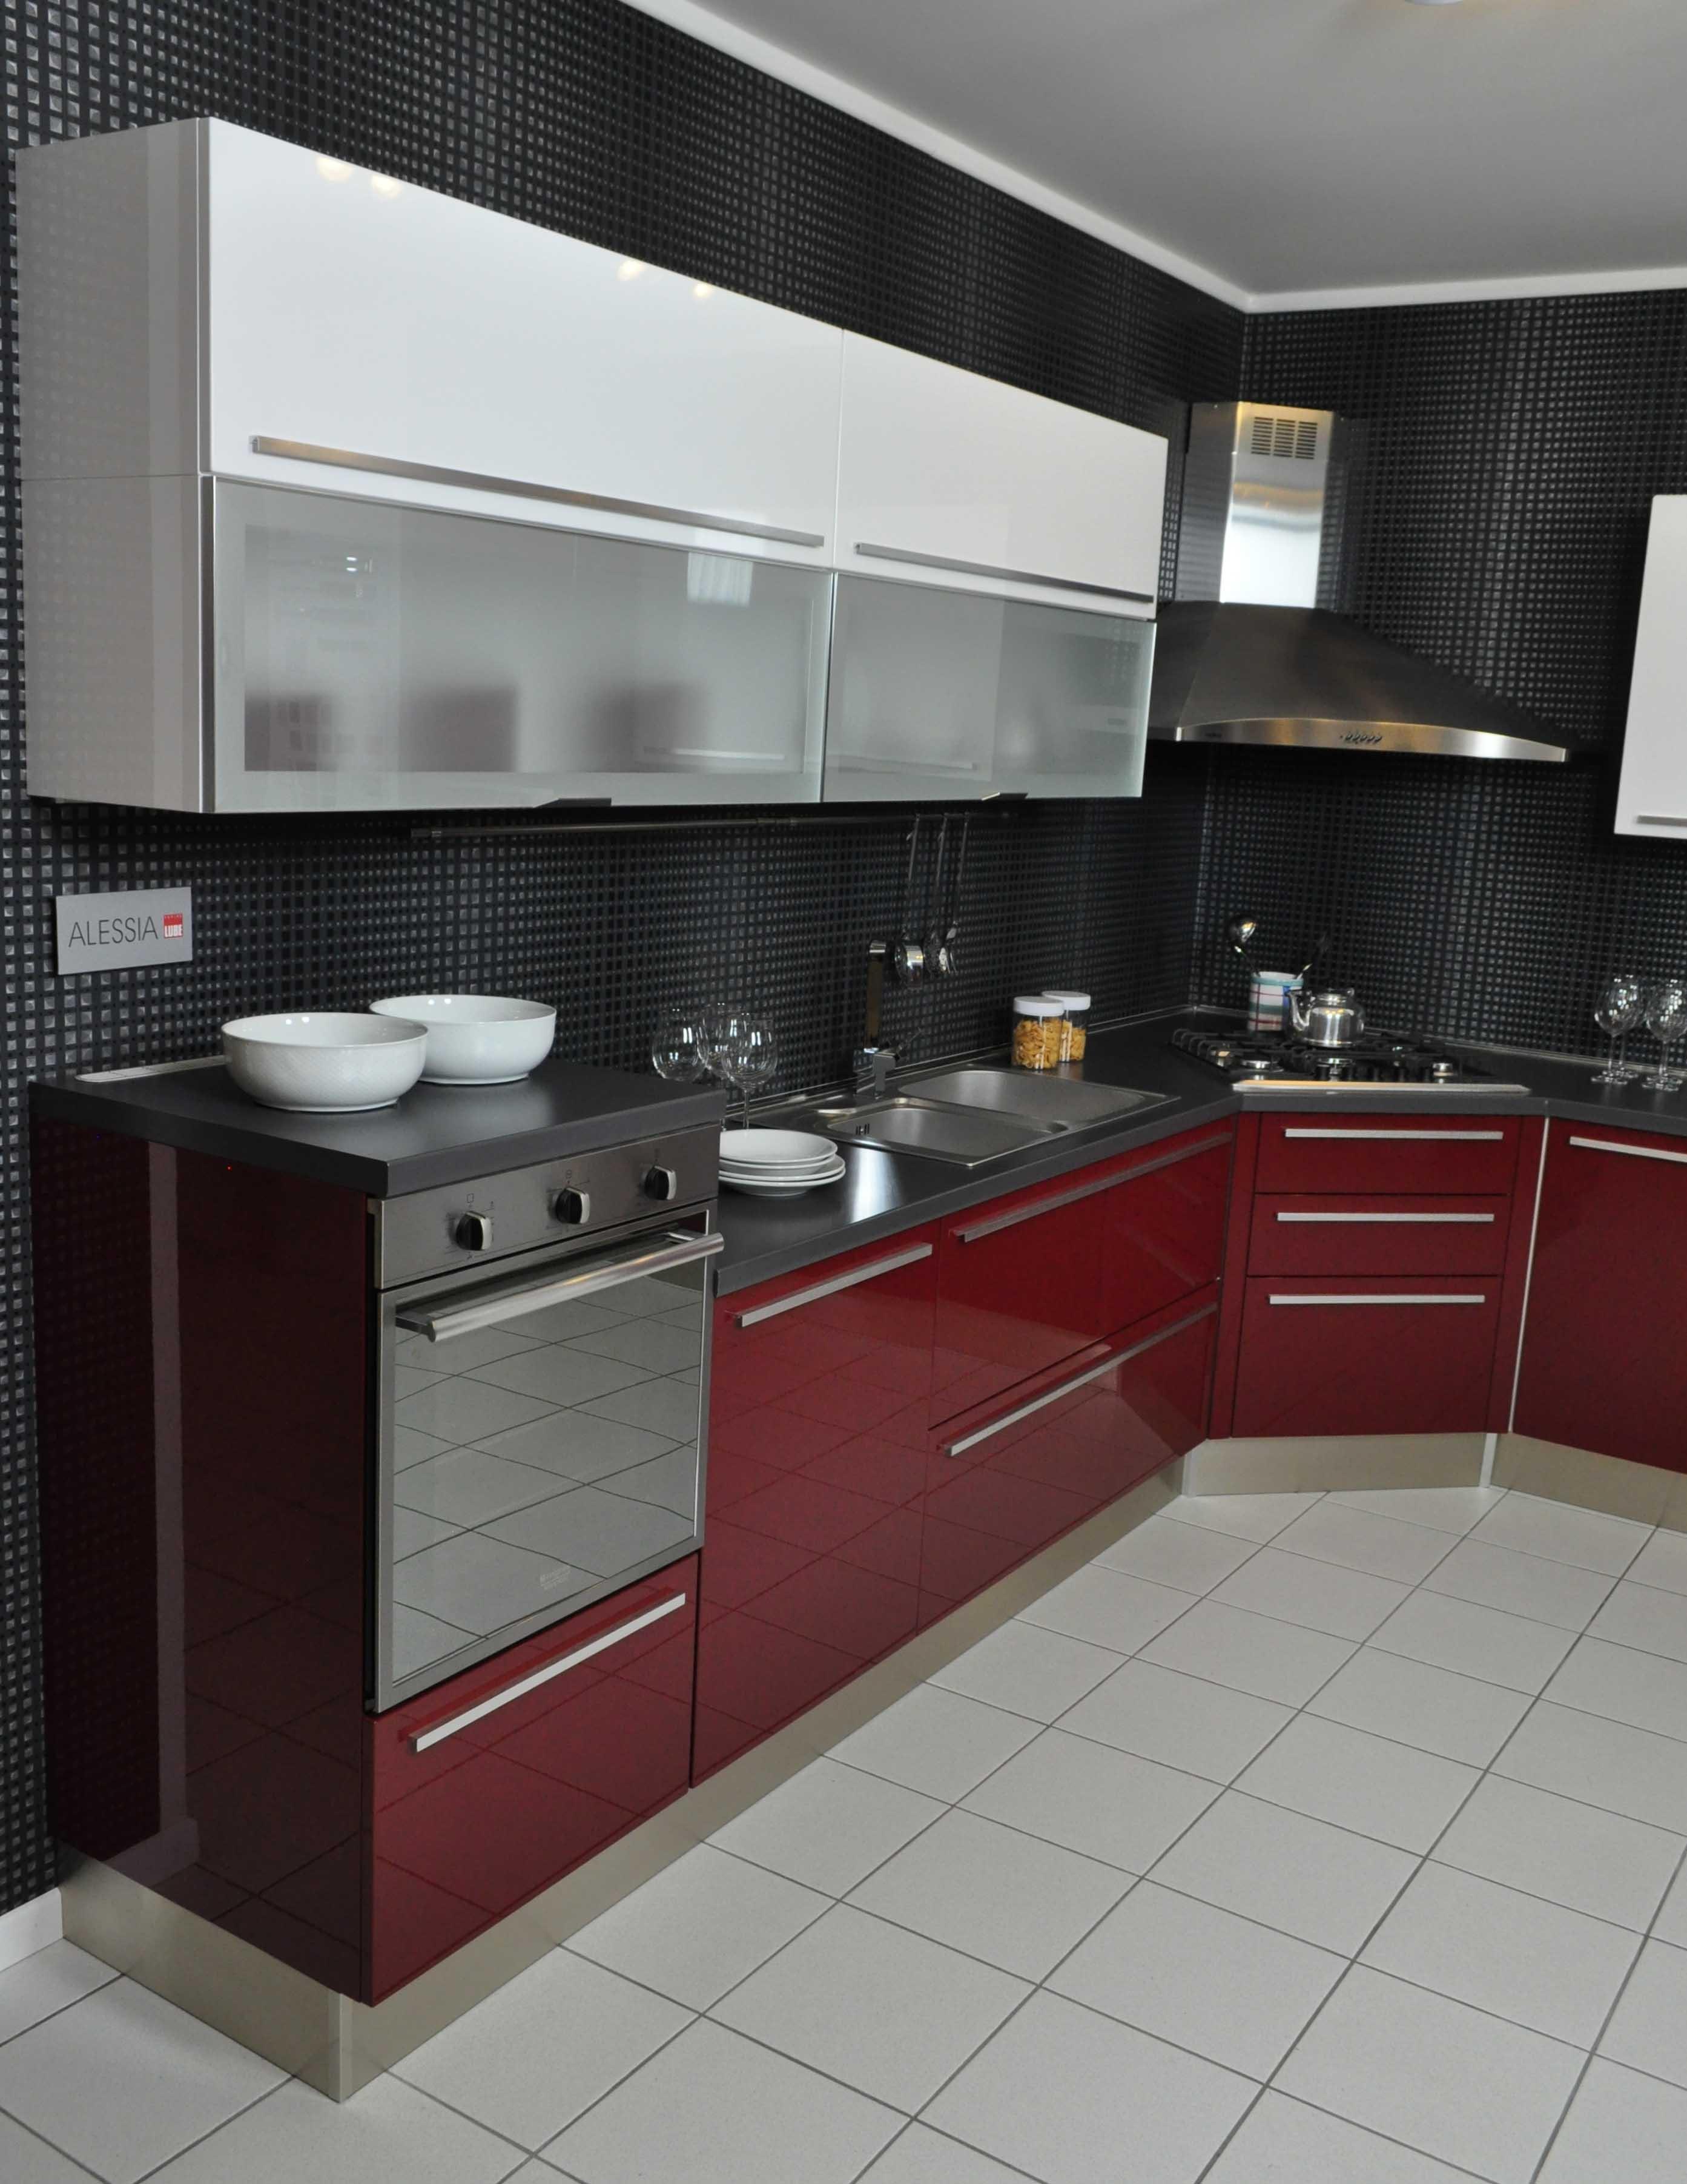 Cucina Lube modello Alessia completa di elettrodomestici e ...